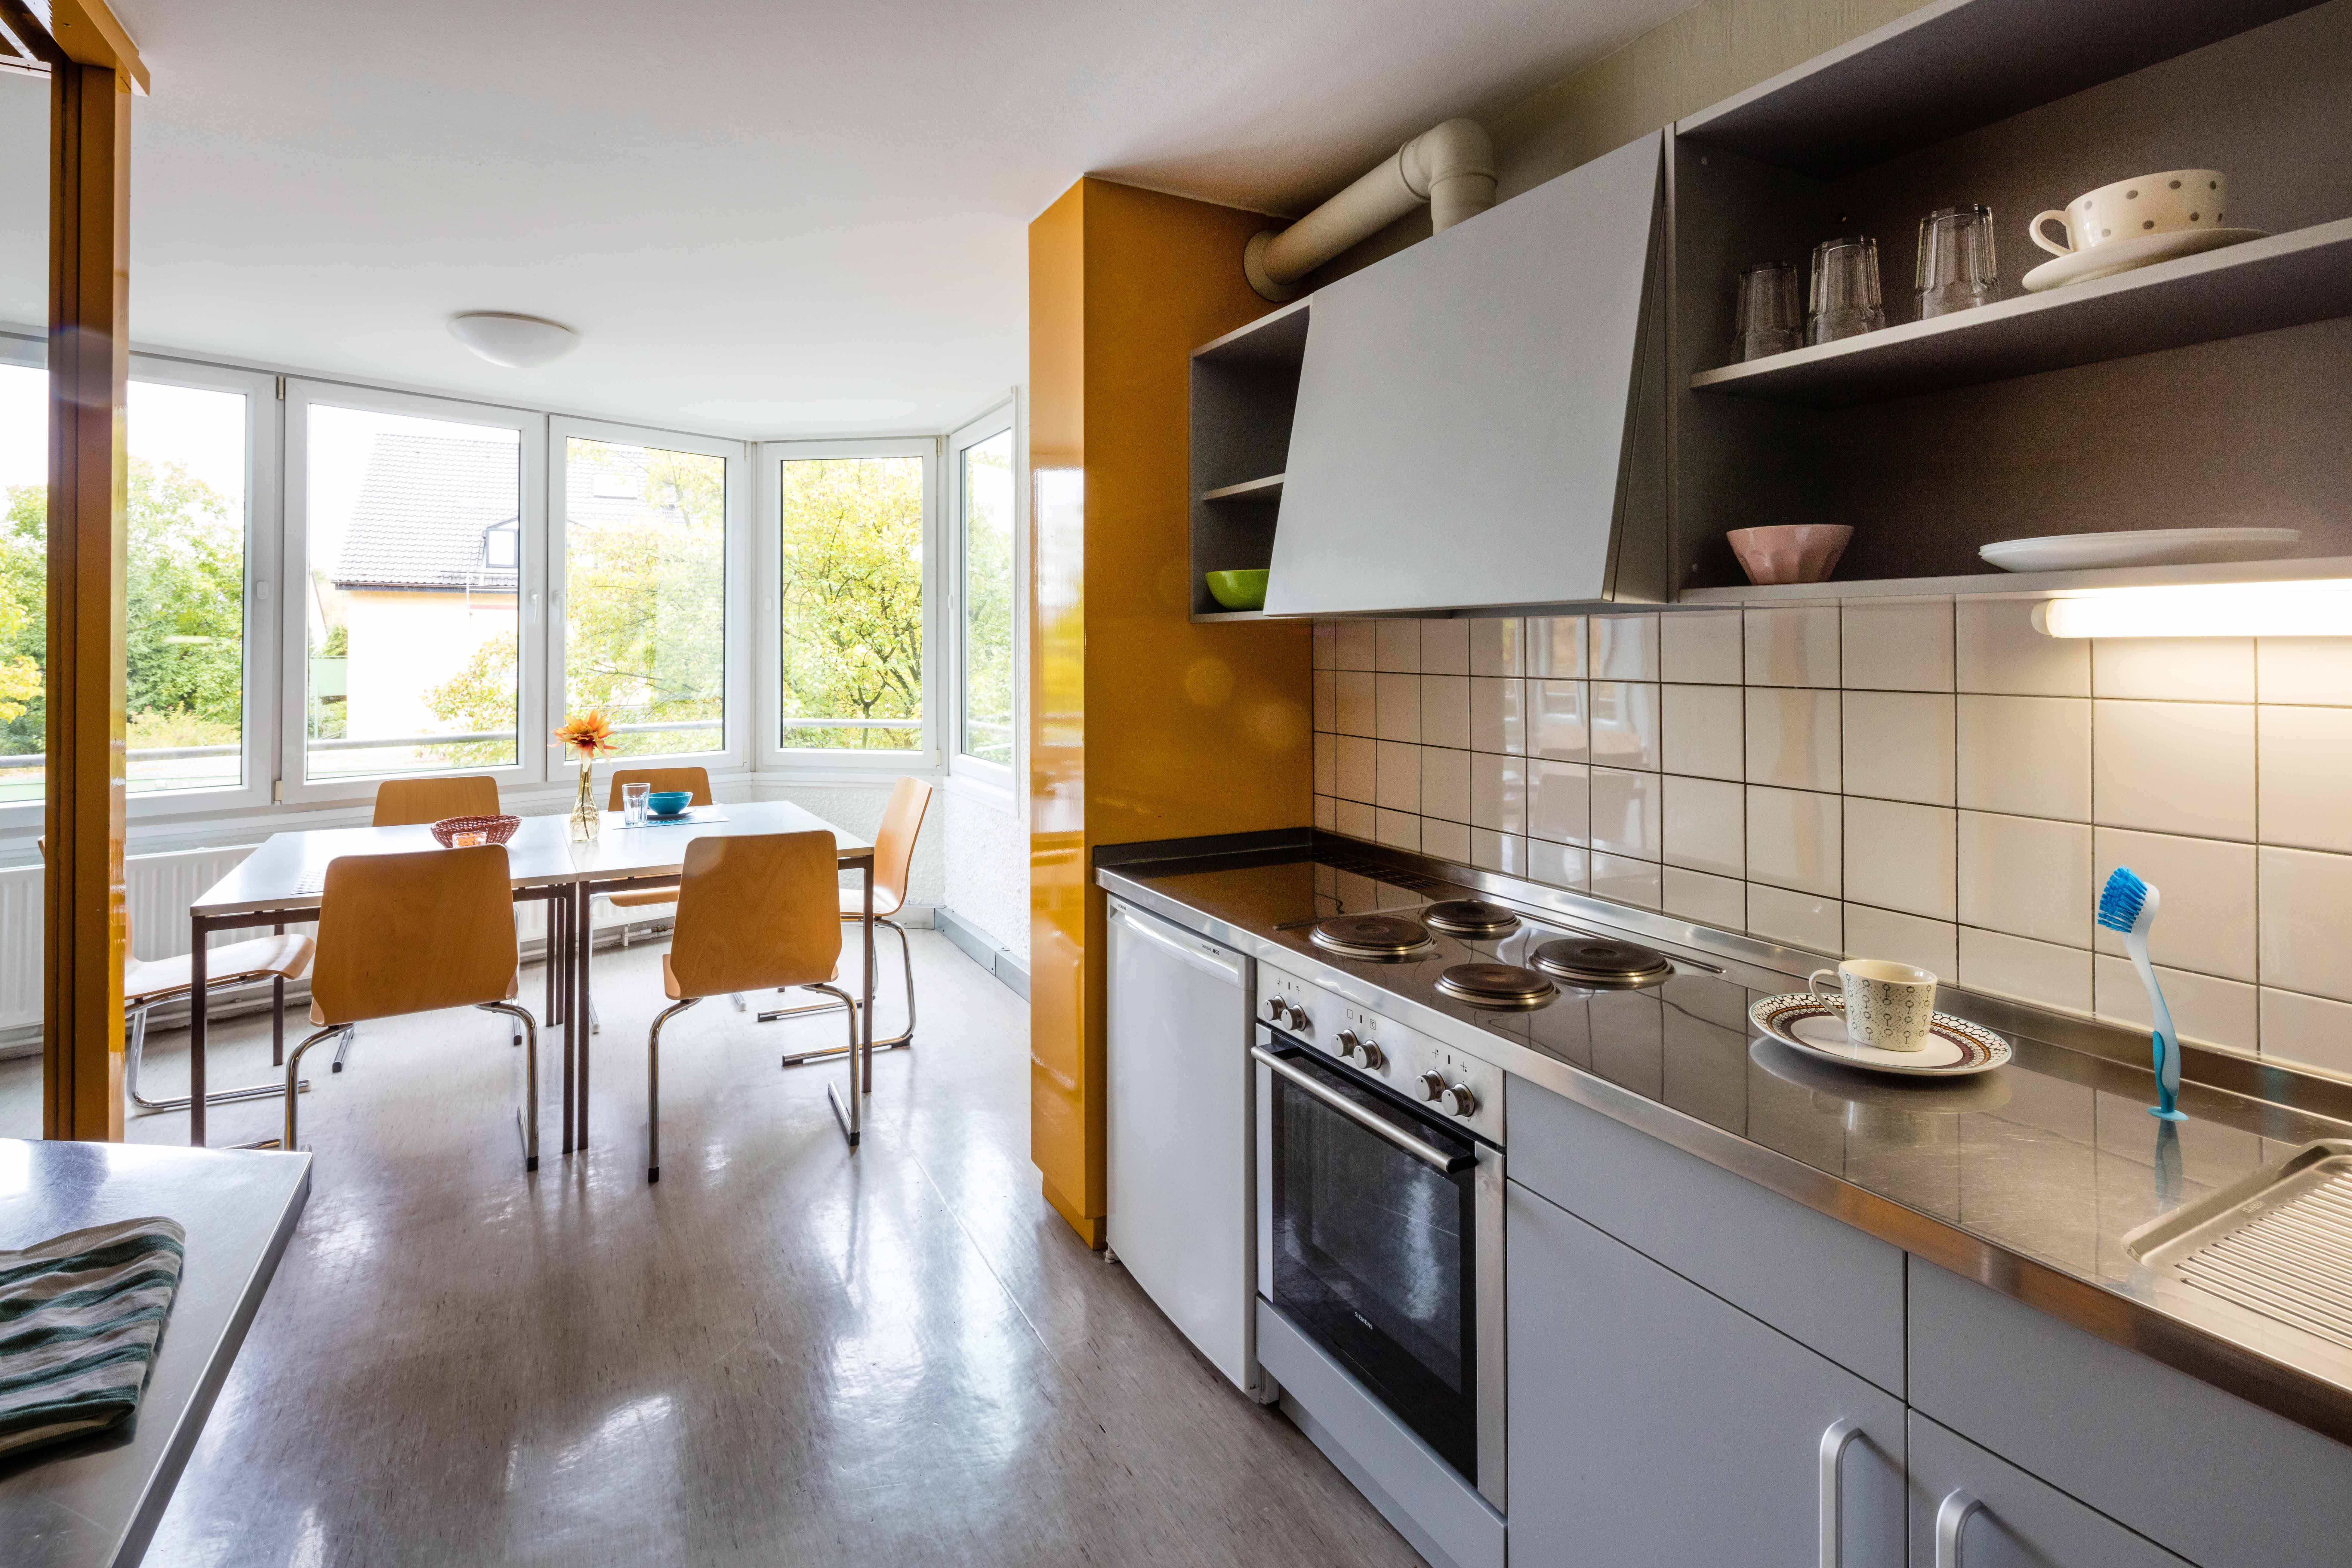 www kchen quelle de trendy einbaukchen u was sie wissen sollten der groe kchenquelle ratgeber. Black Bedroom Furniture Sets. Home Design Ideas